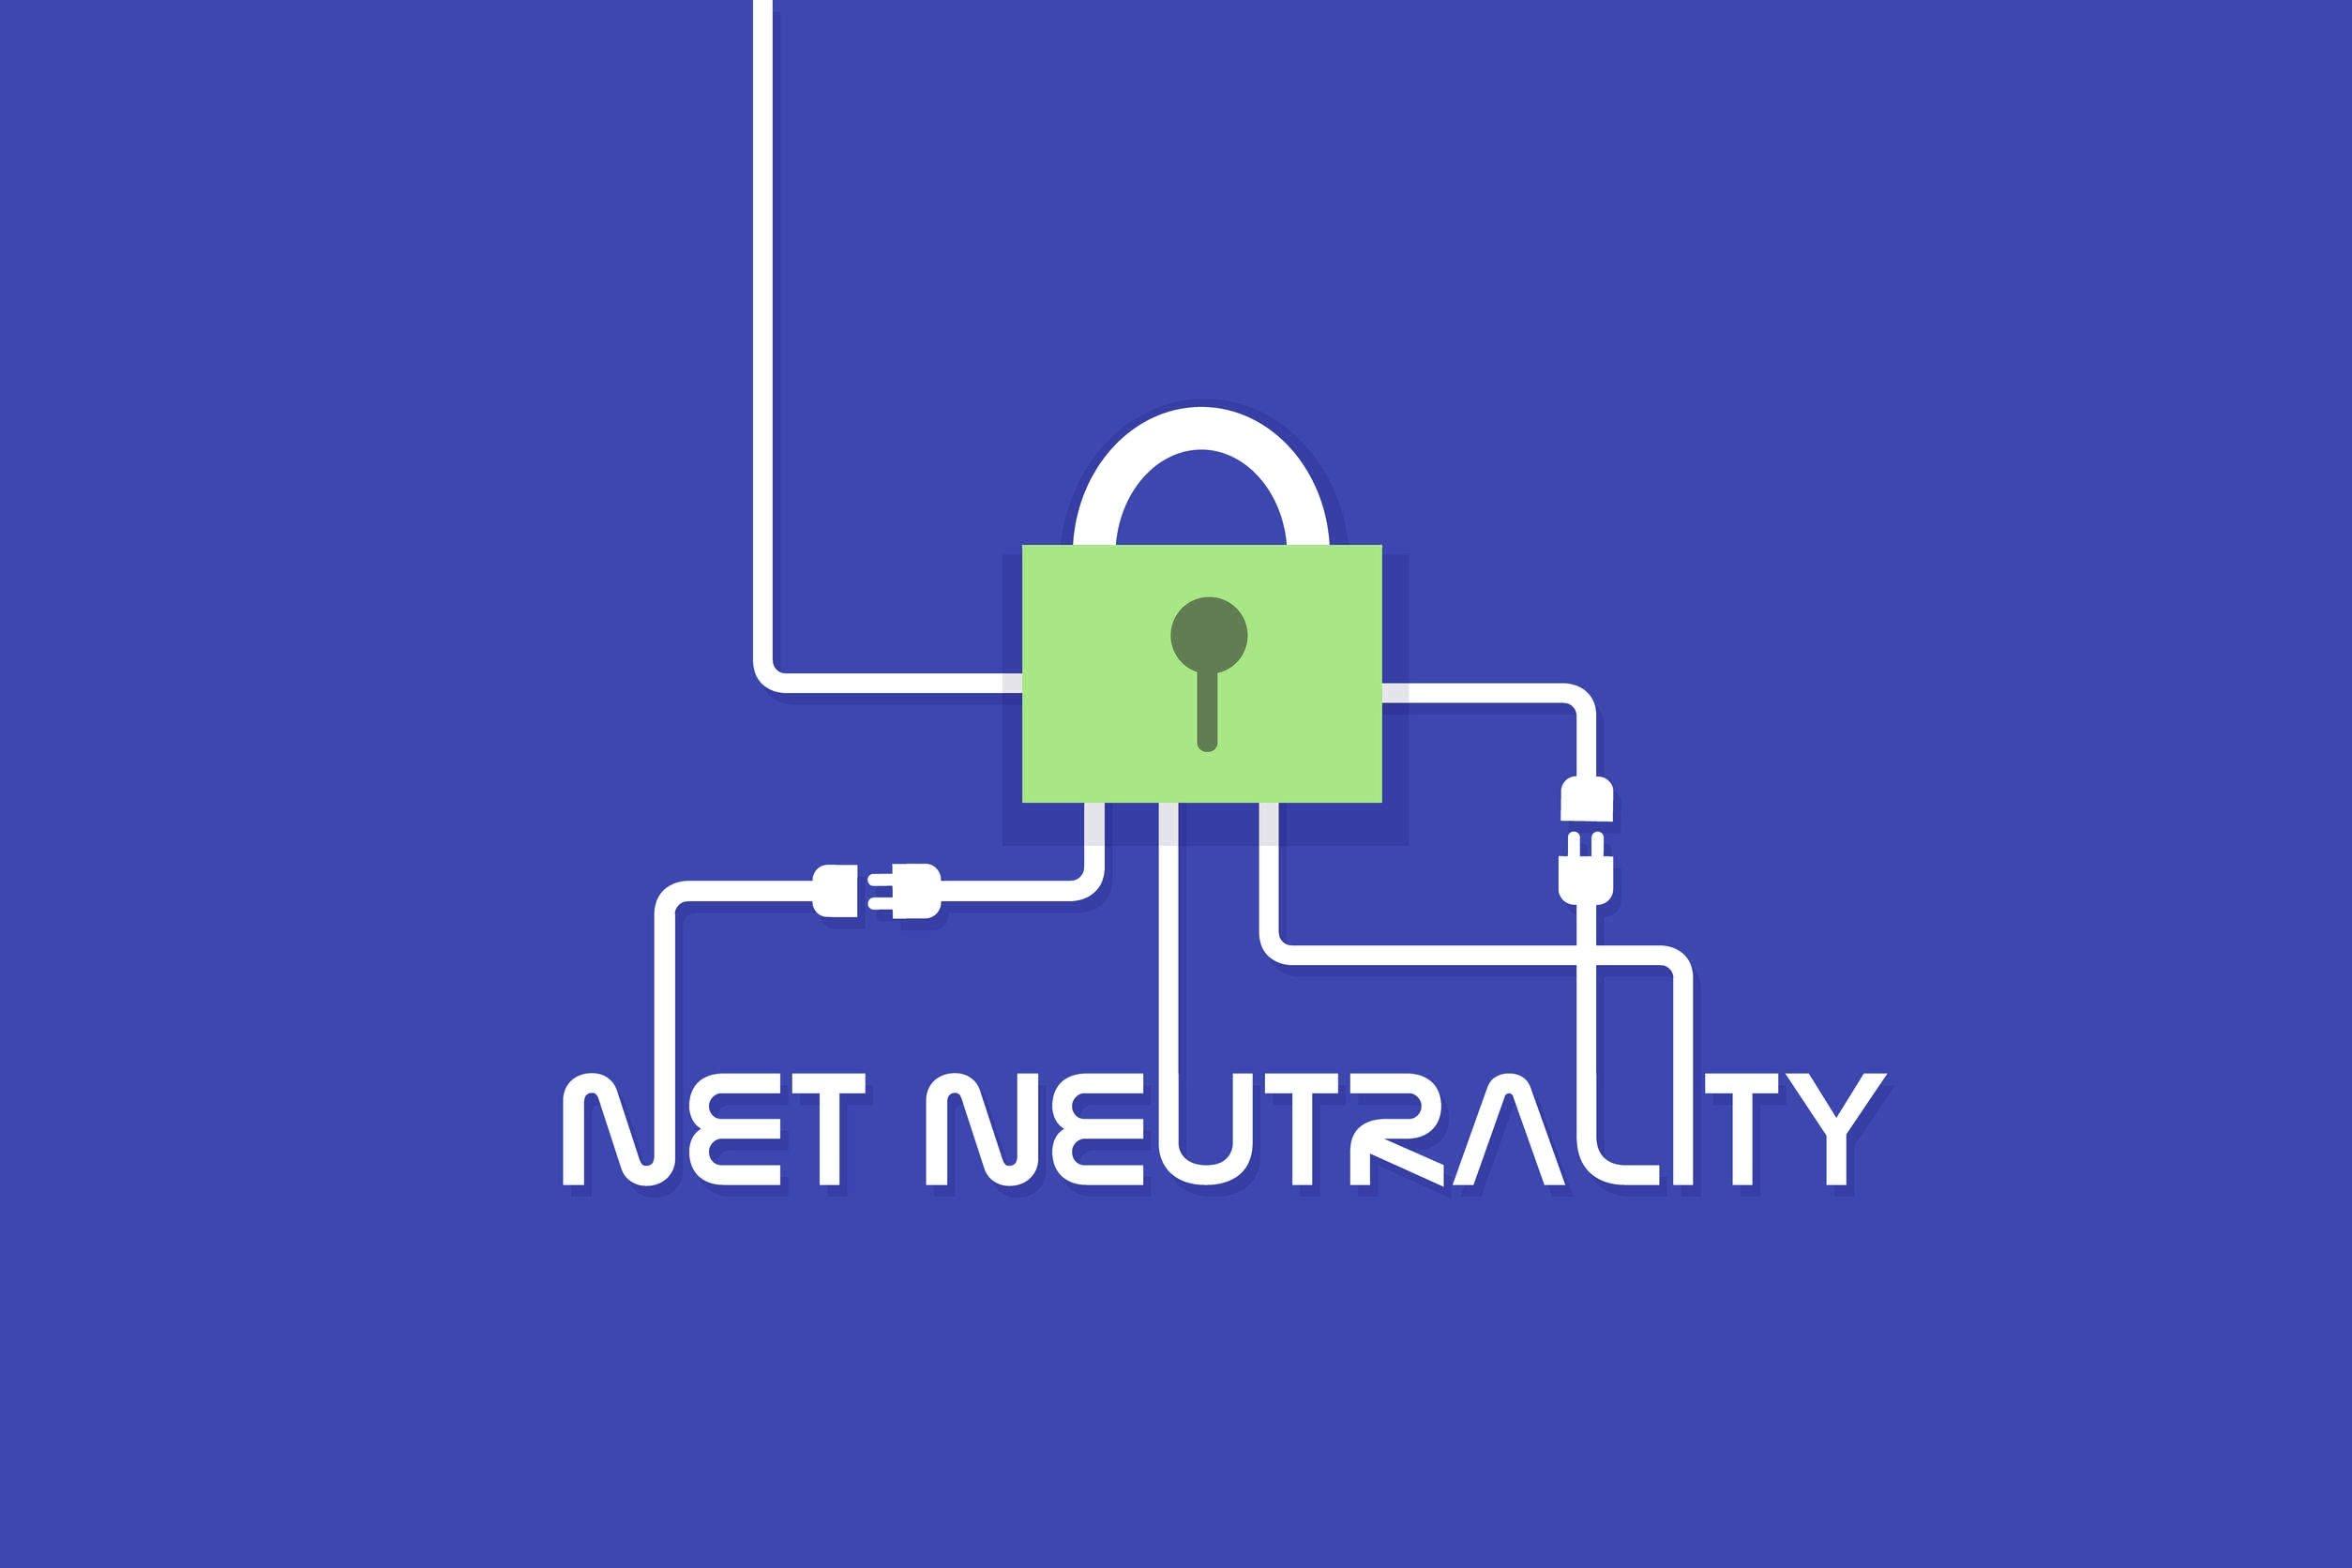 net neutrality - Biden - Rosenworcel is internet neutrality back?